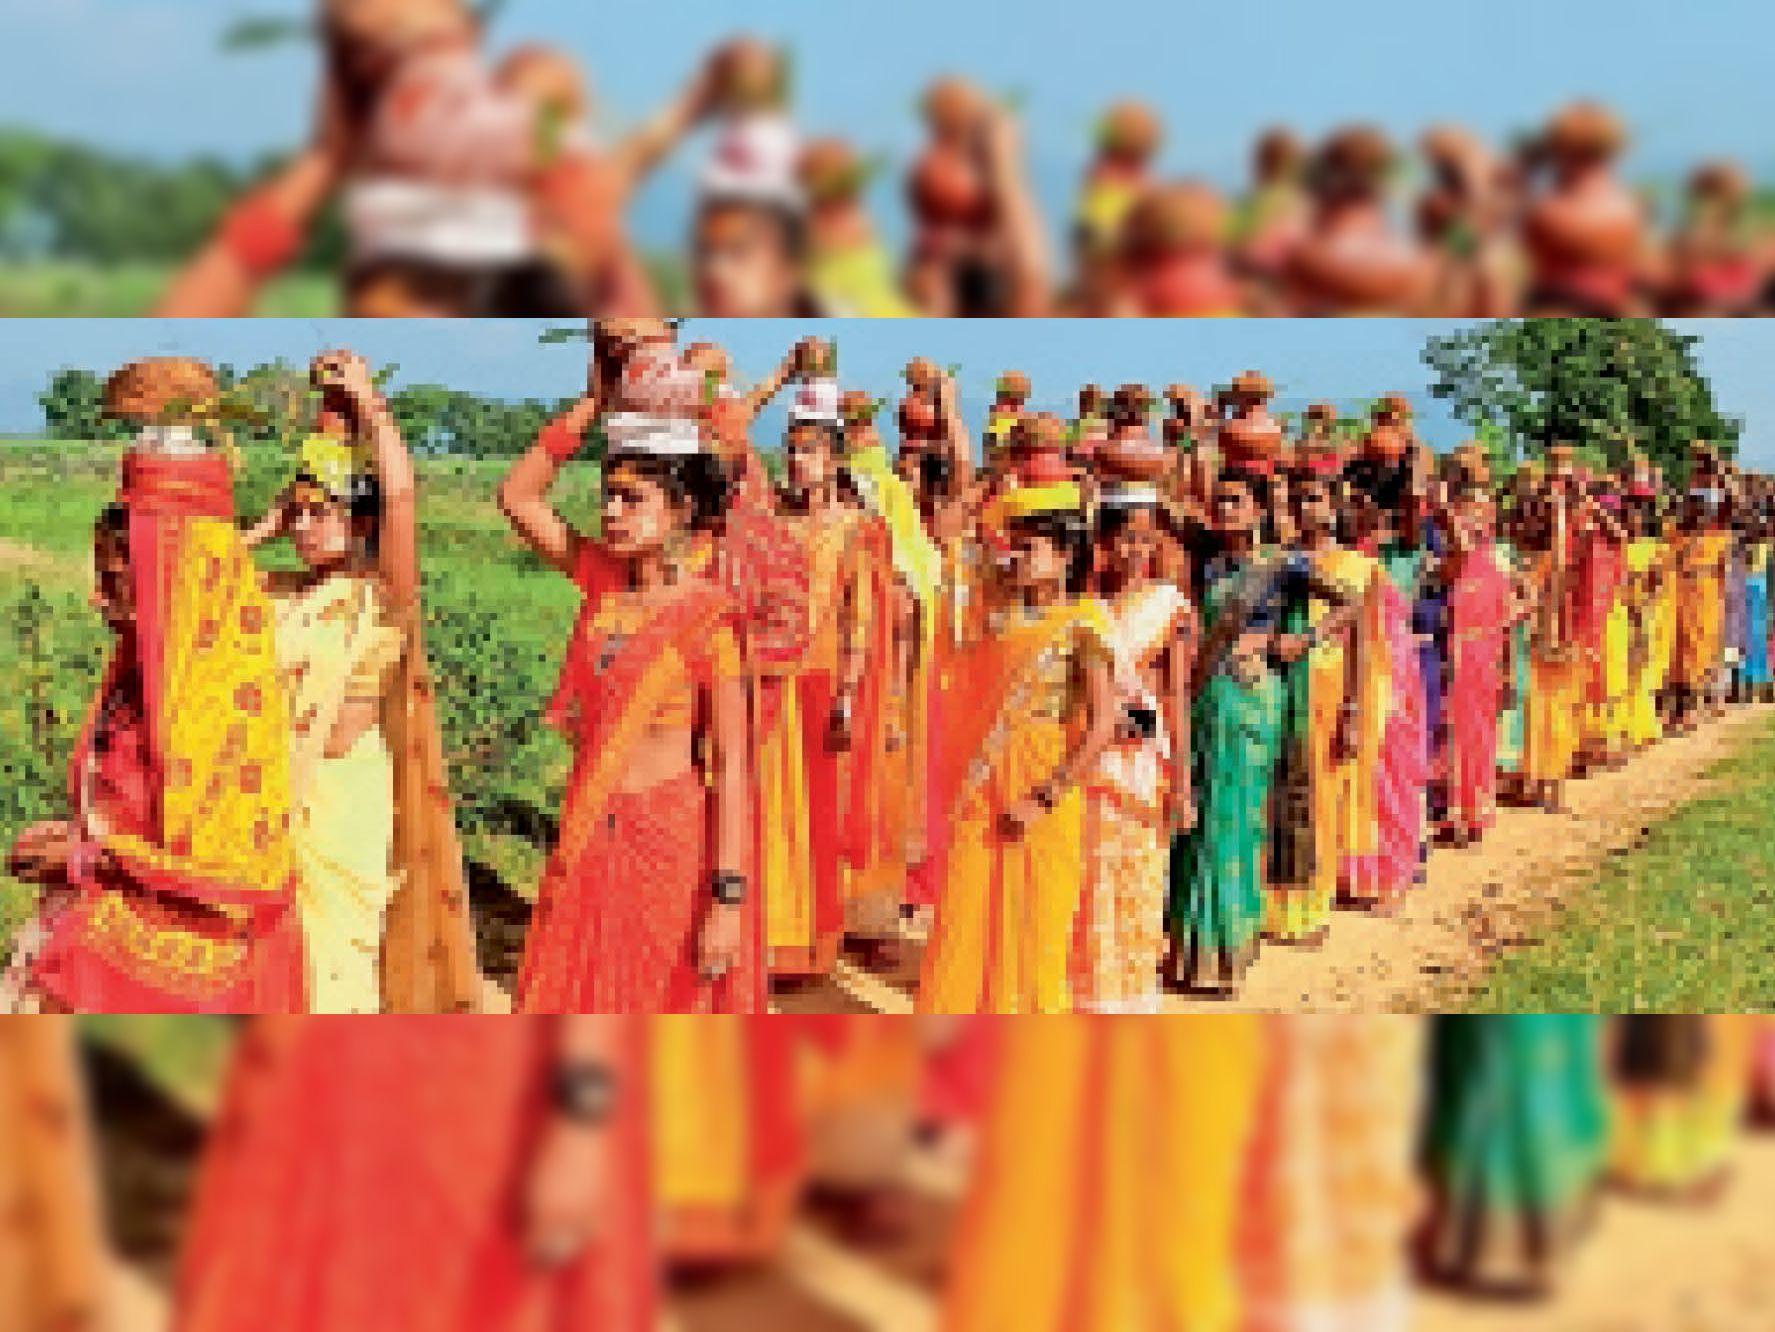 कलश यात्रा में शामिल श्रद्धालु महिलाएं। - Dainik Bhaskar